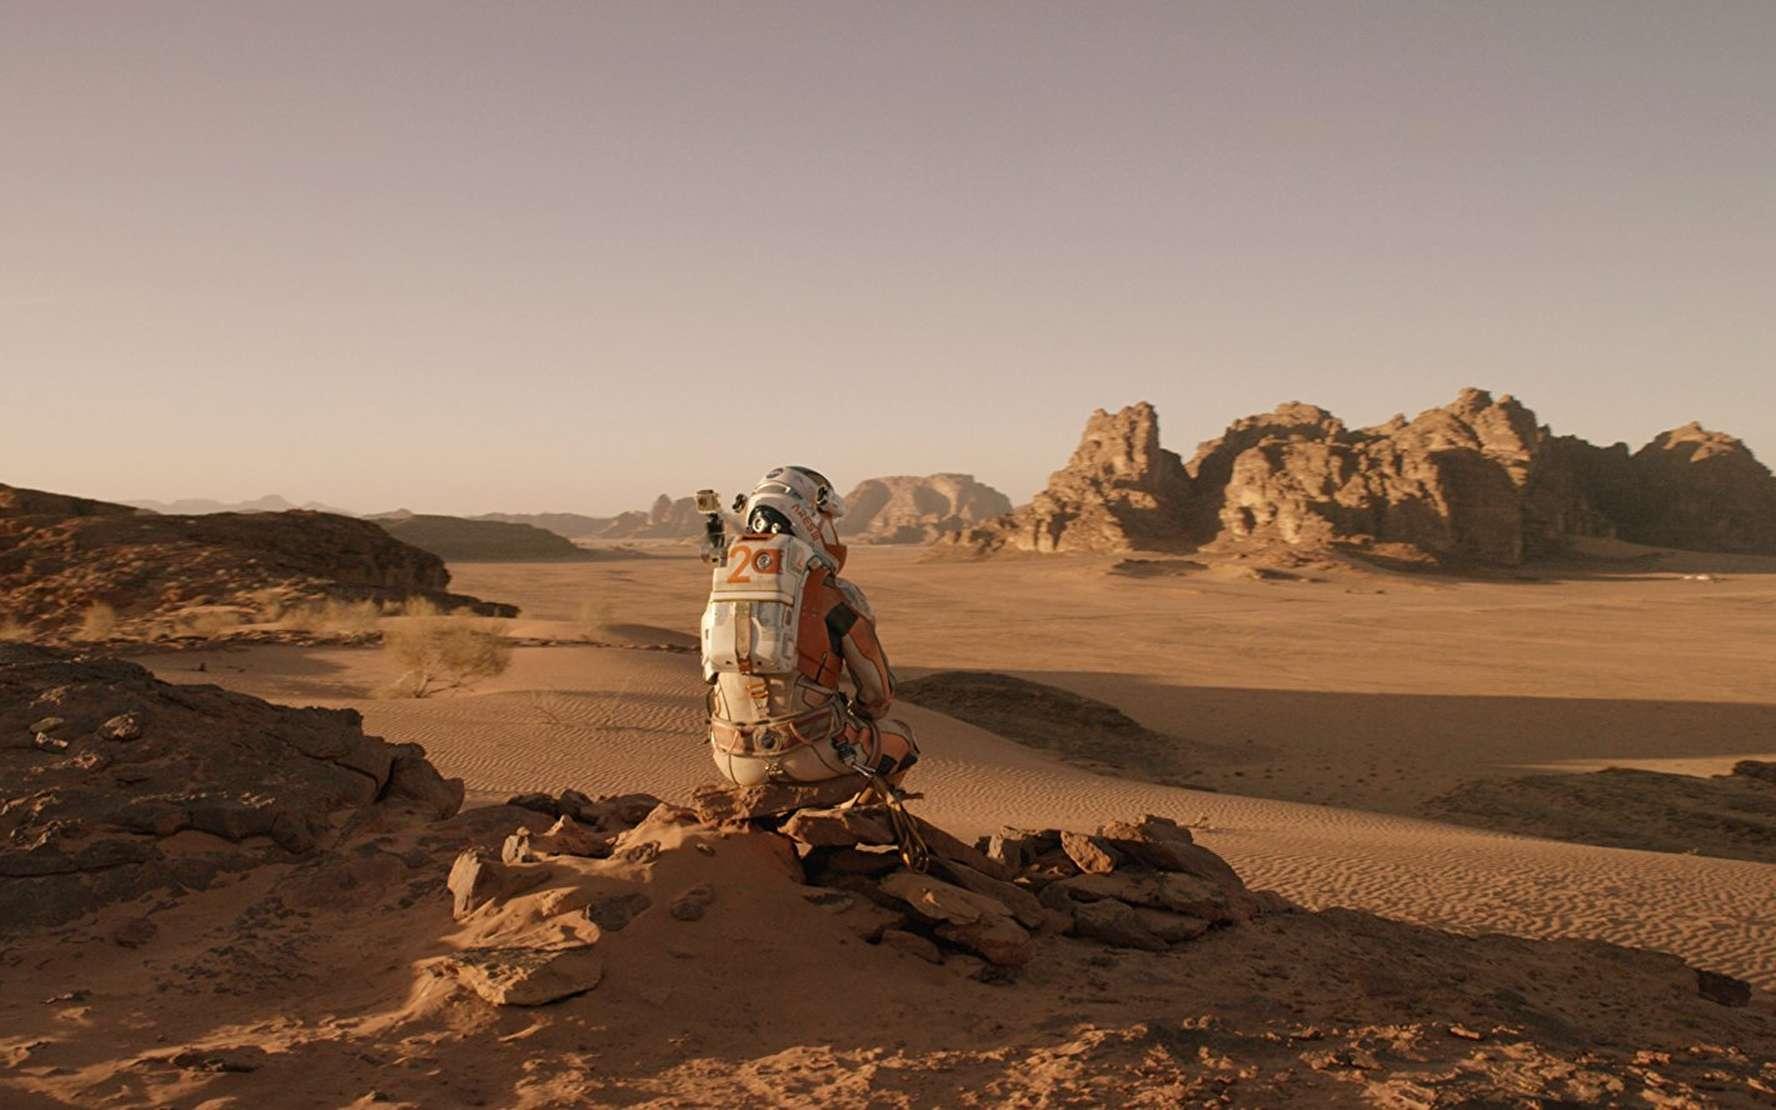 Seul sur Mars offre un aperçu des défis qui attendent les futurs colons martiens. S'ils veulent rester sur le long terme sur la Planète rouge, ils devront cultiver leur propre nourriture. © Twentieth Century Fox, 2015